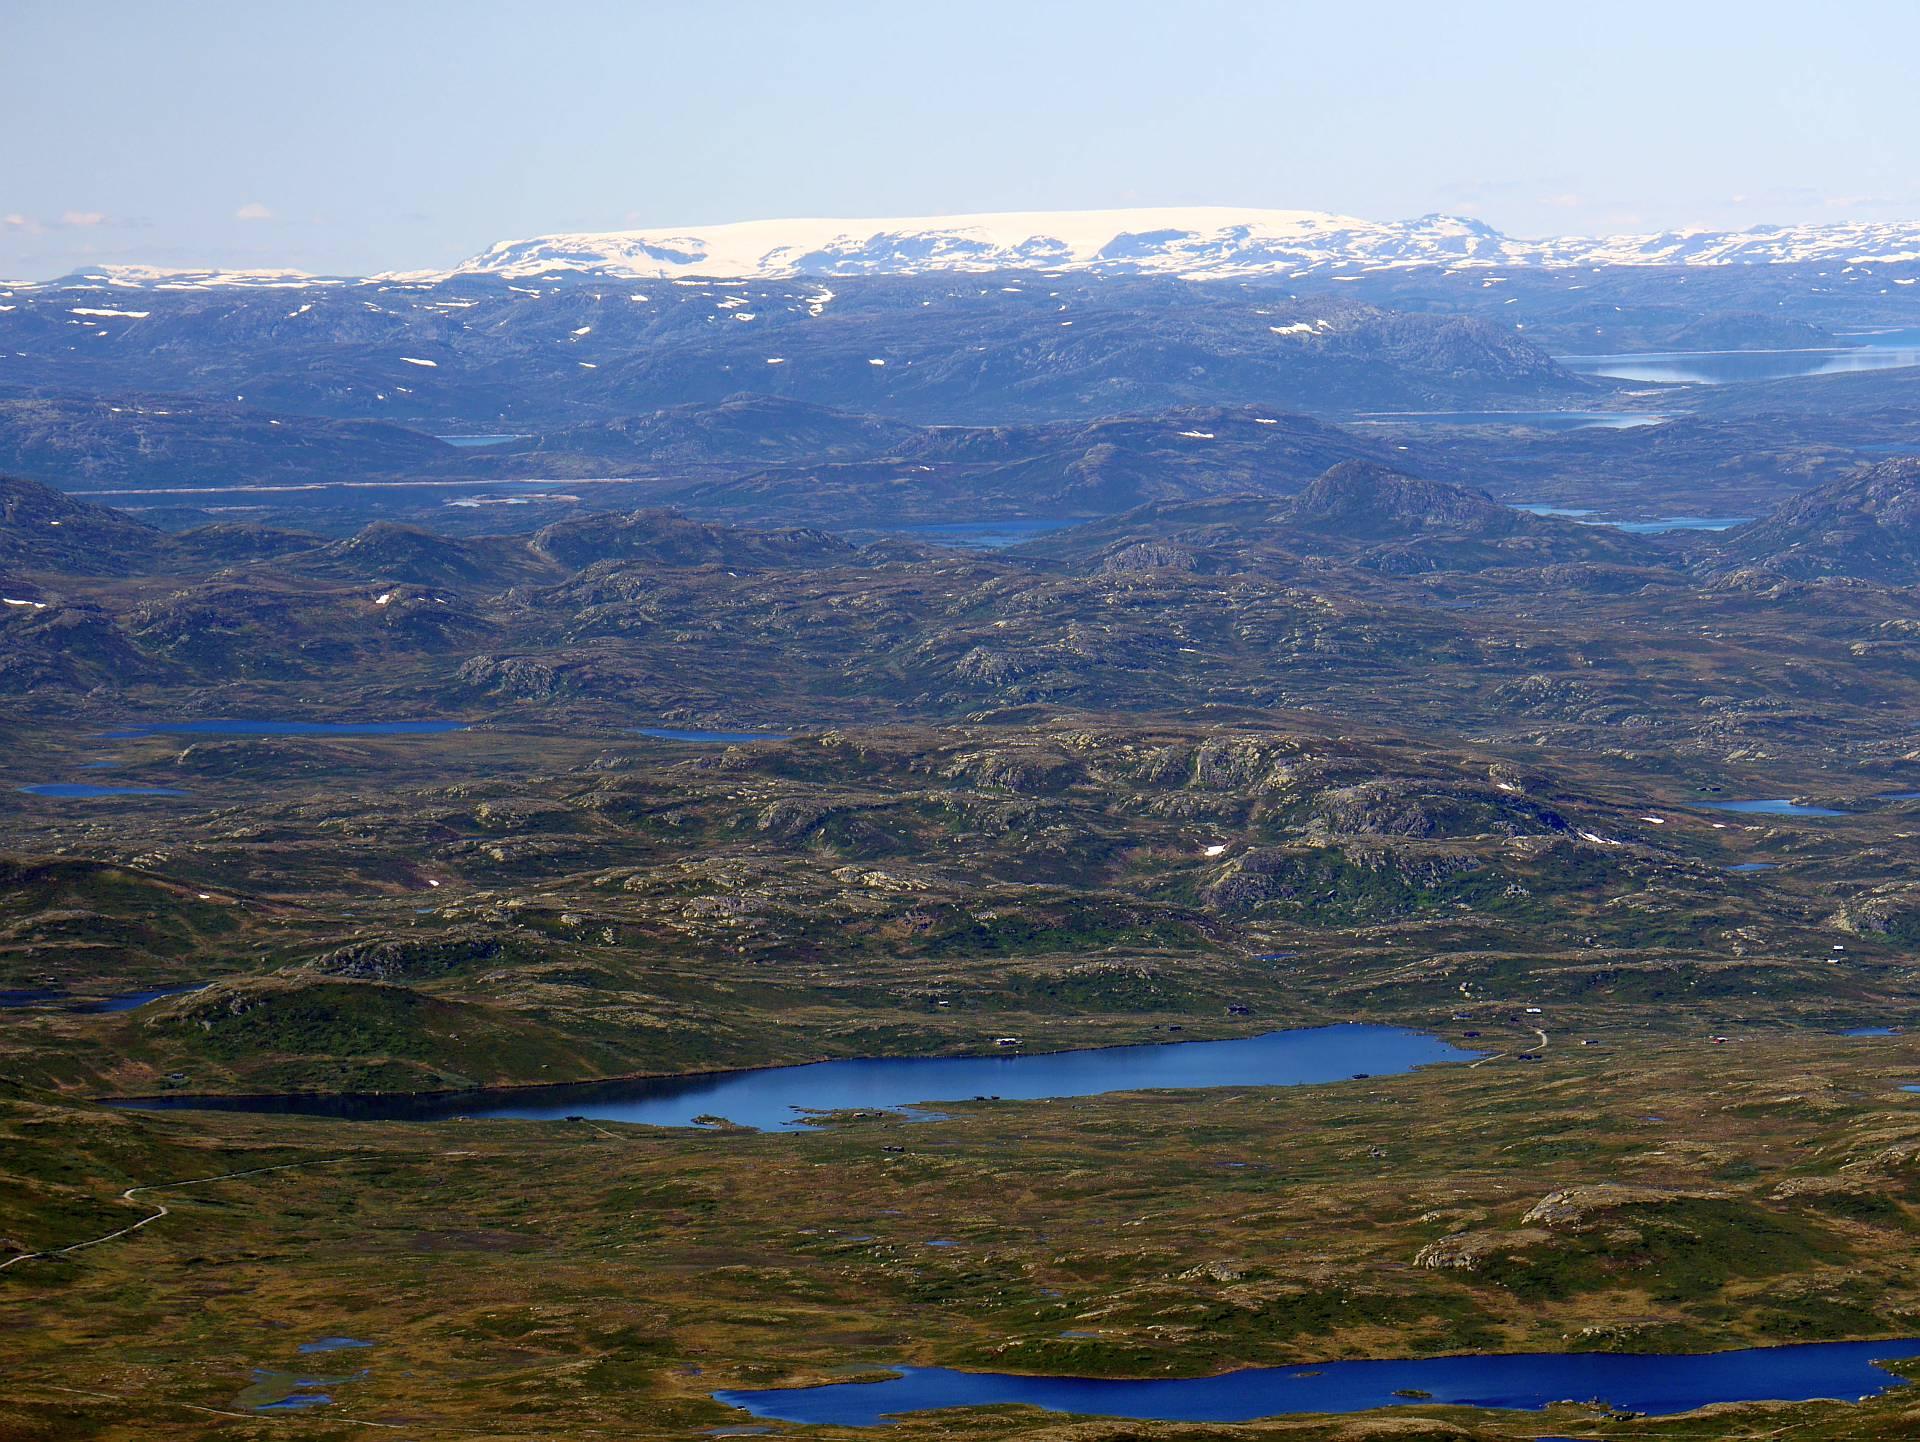 Gletschergebiet in der Ferne